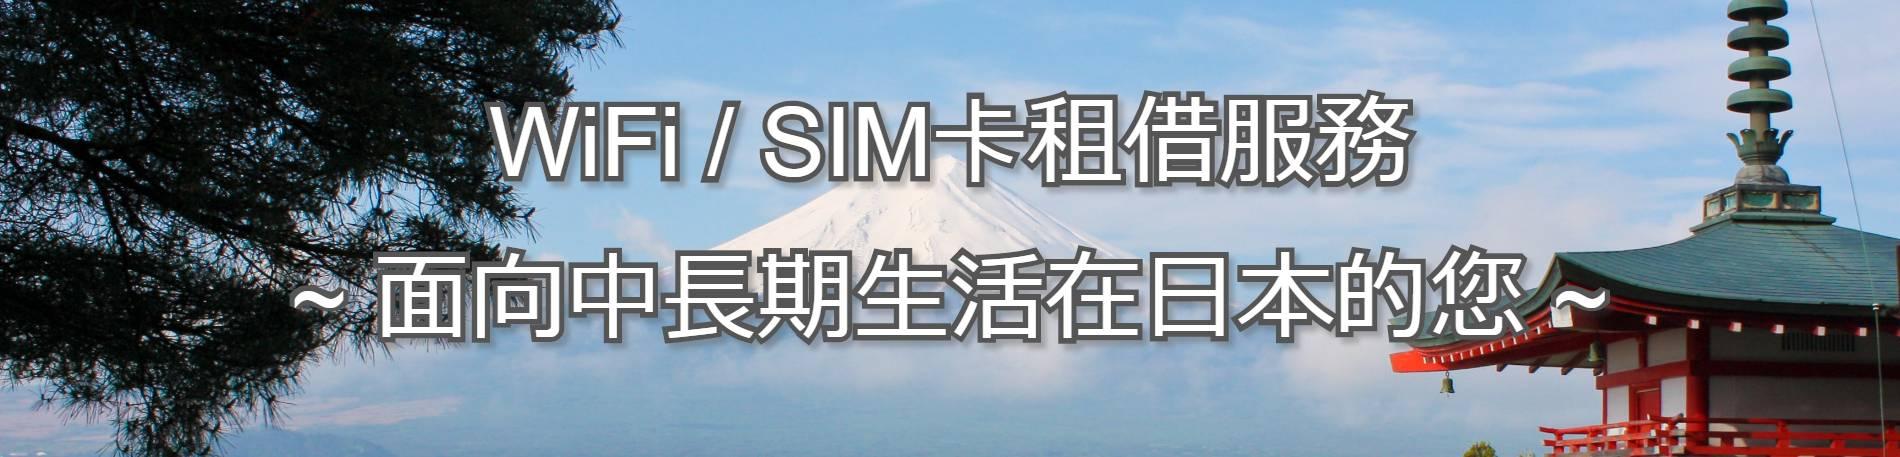 為中長期生活在日本的您提供的WiFi及SIM上網卡租借服務